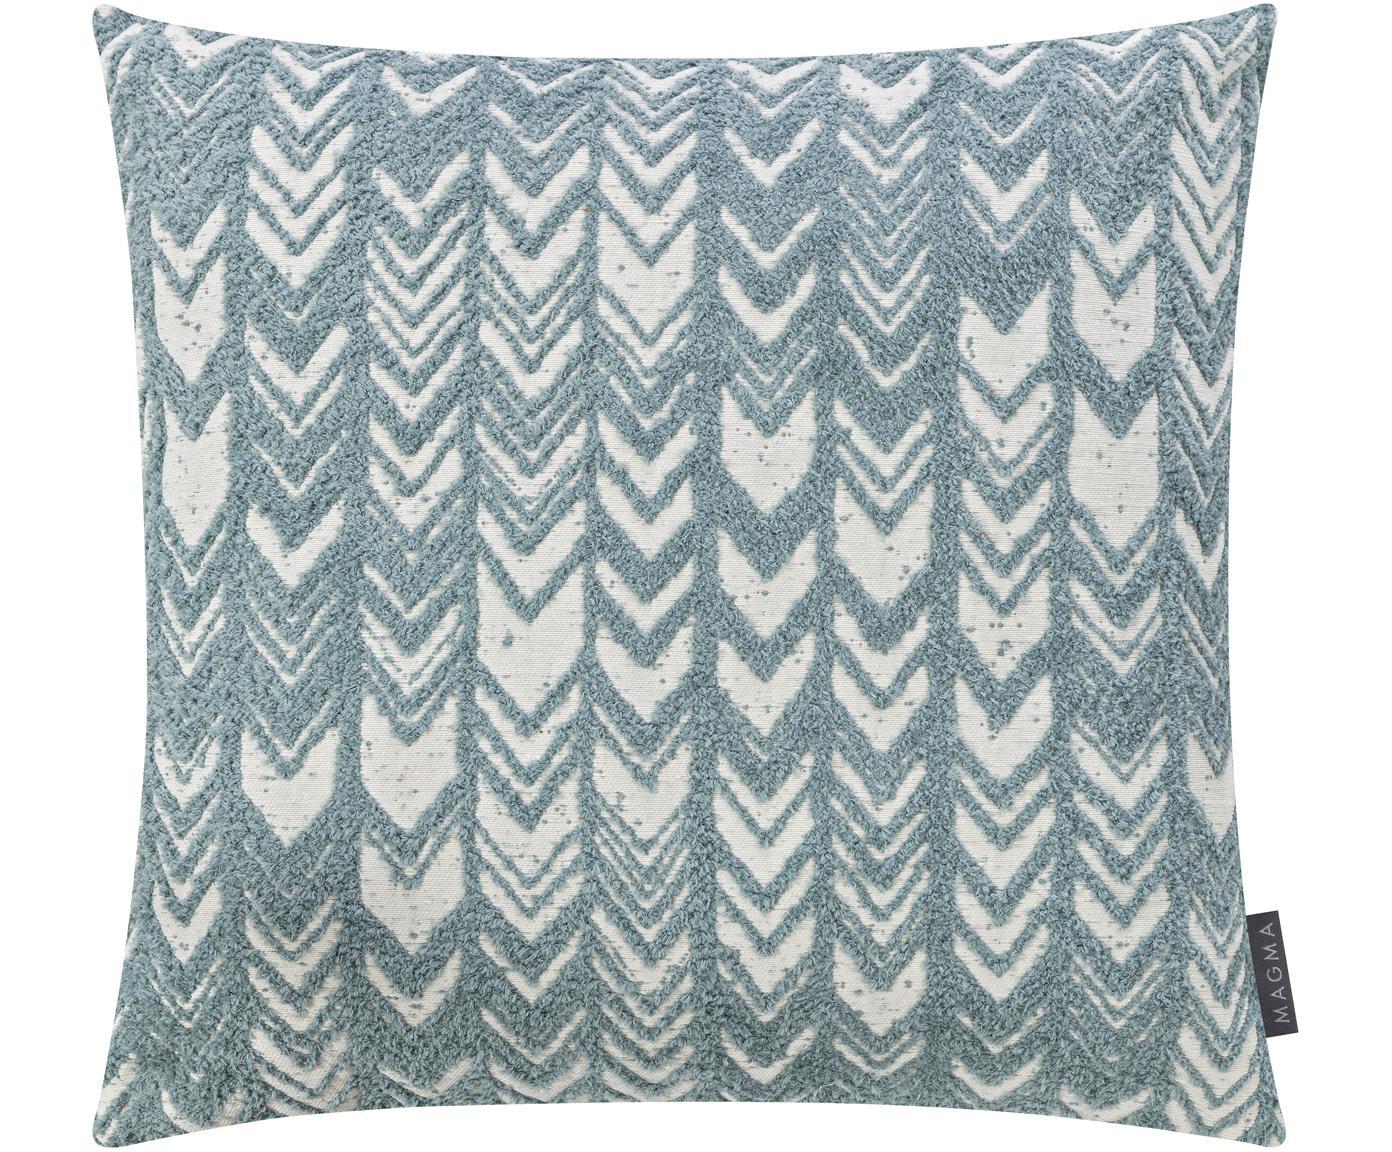 Poszewka na poduszkę z wypukłym wzorem Tilas, Miętowo niebieski, kremowy, S 40 x D 40 cm